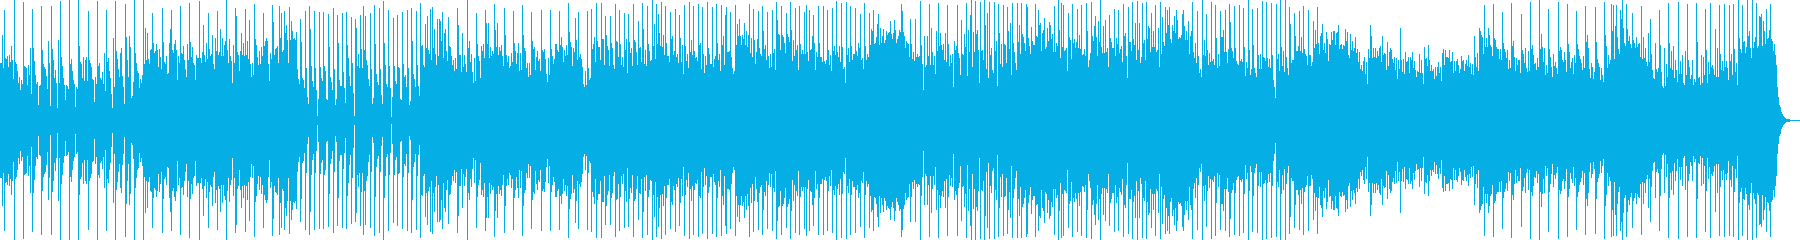 シューティングゲームで使われてそうの再生済みの波形